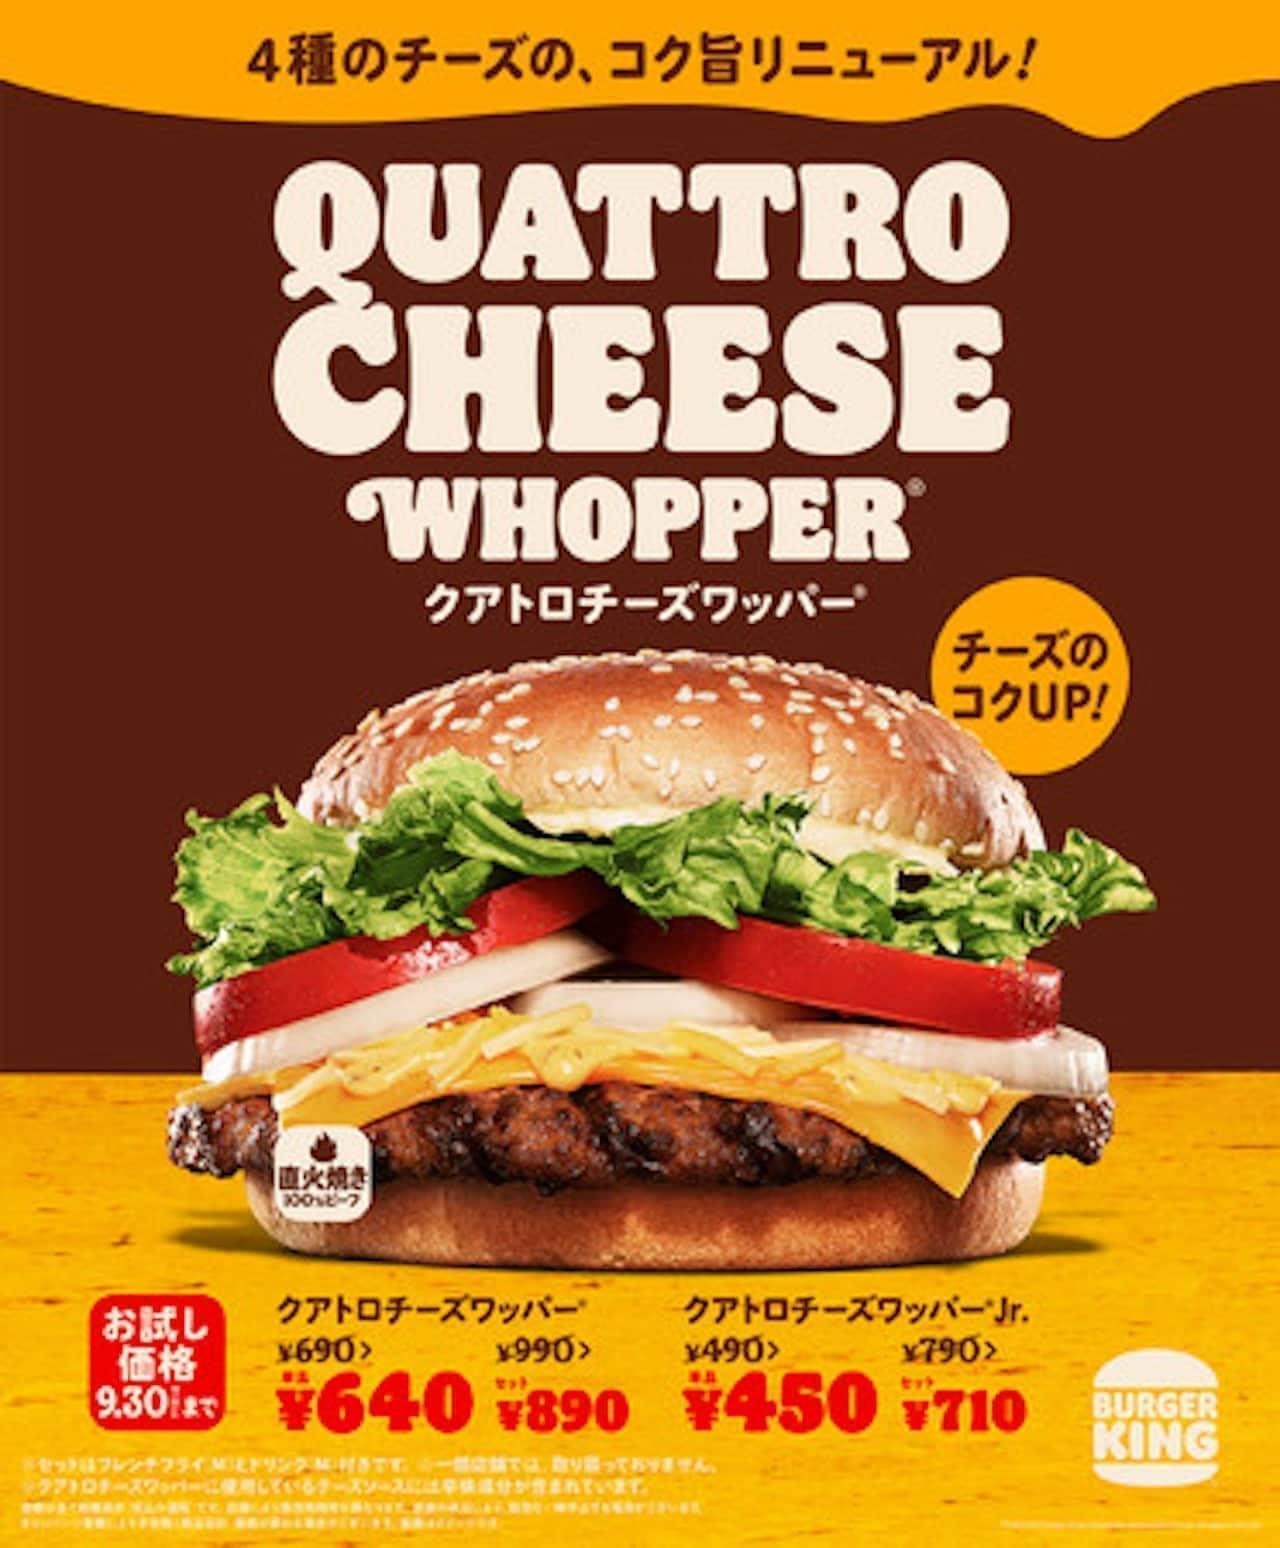 バーガーキングの人気商品「クアトロチーズワッパー」リニューアル